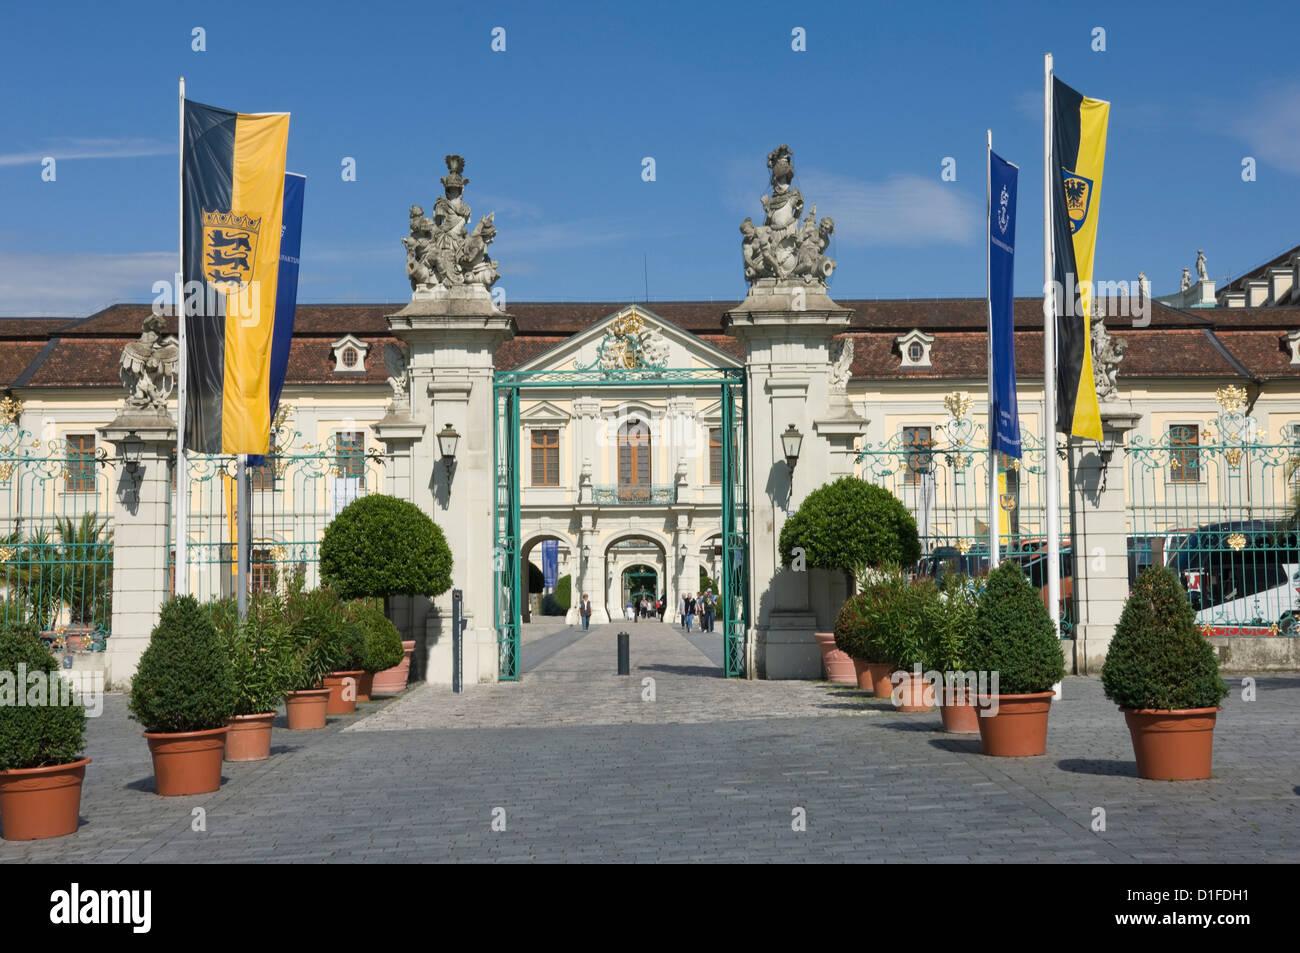 Carraige Eingang das barocke Residenzschloss, inspiriert von Schloss Versailles, Ludwigsburg, Baden-Württemberg, Stockbild